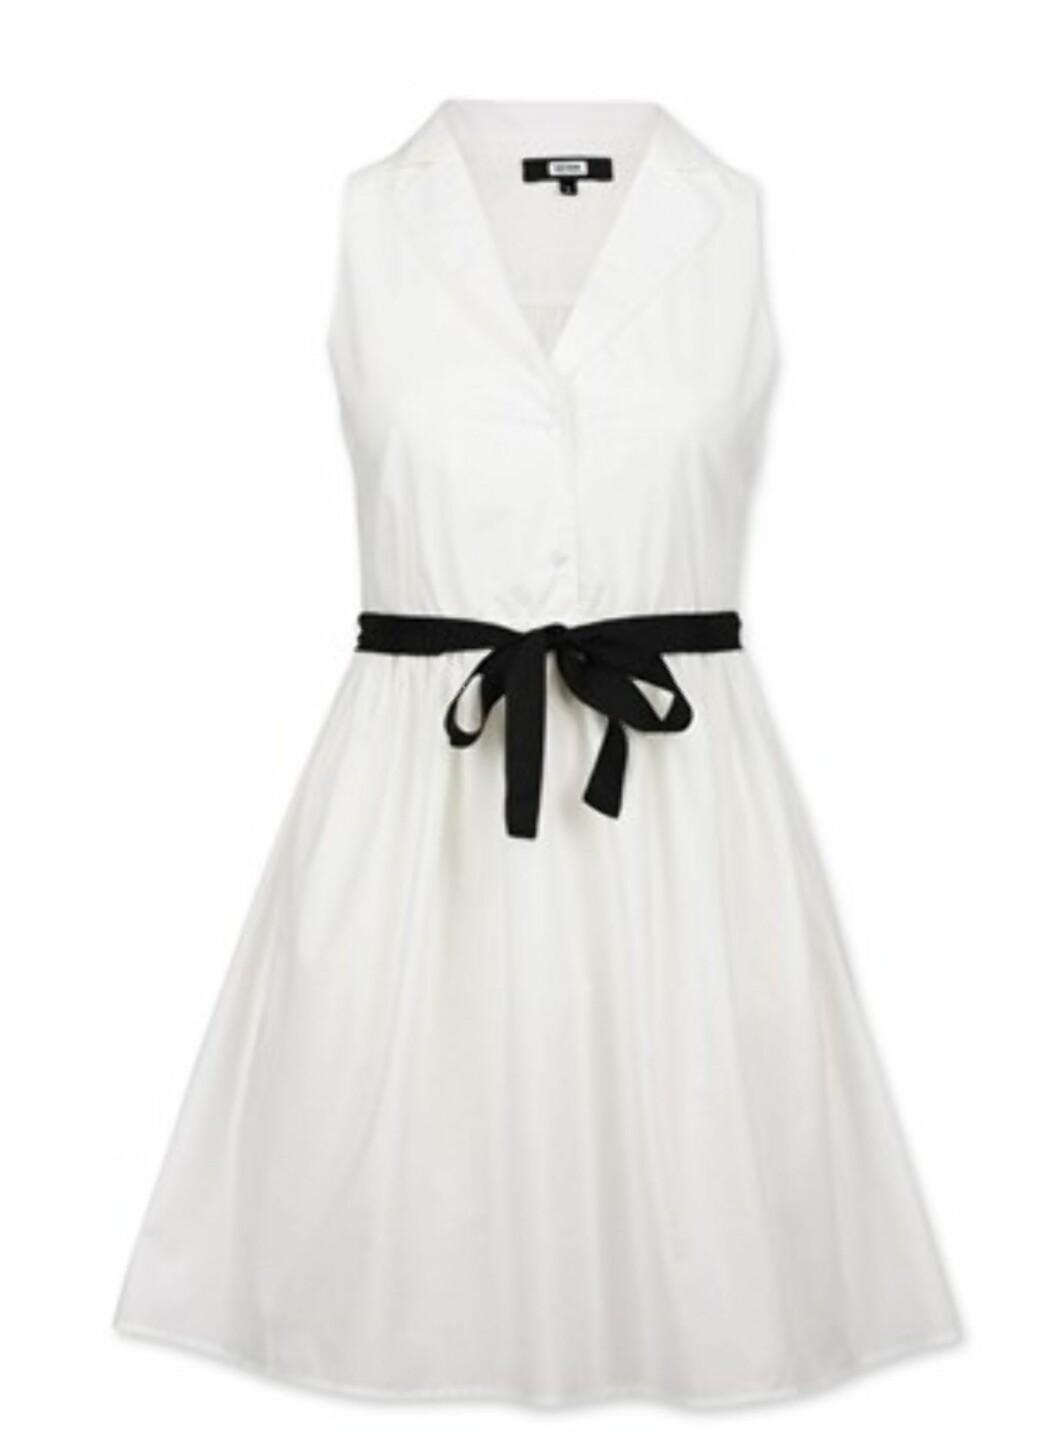 Søt kjole med svart sløyfebånd i livet (kr.399/BikBok). Foto: Produsenten